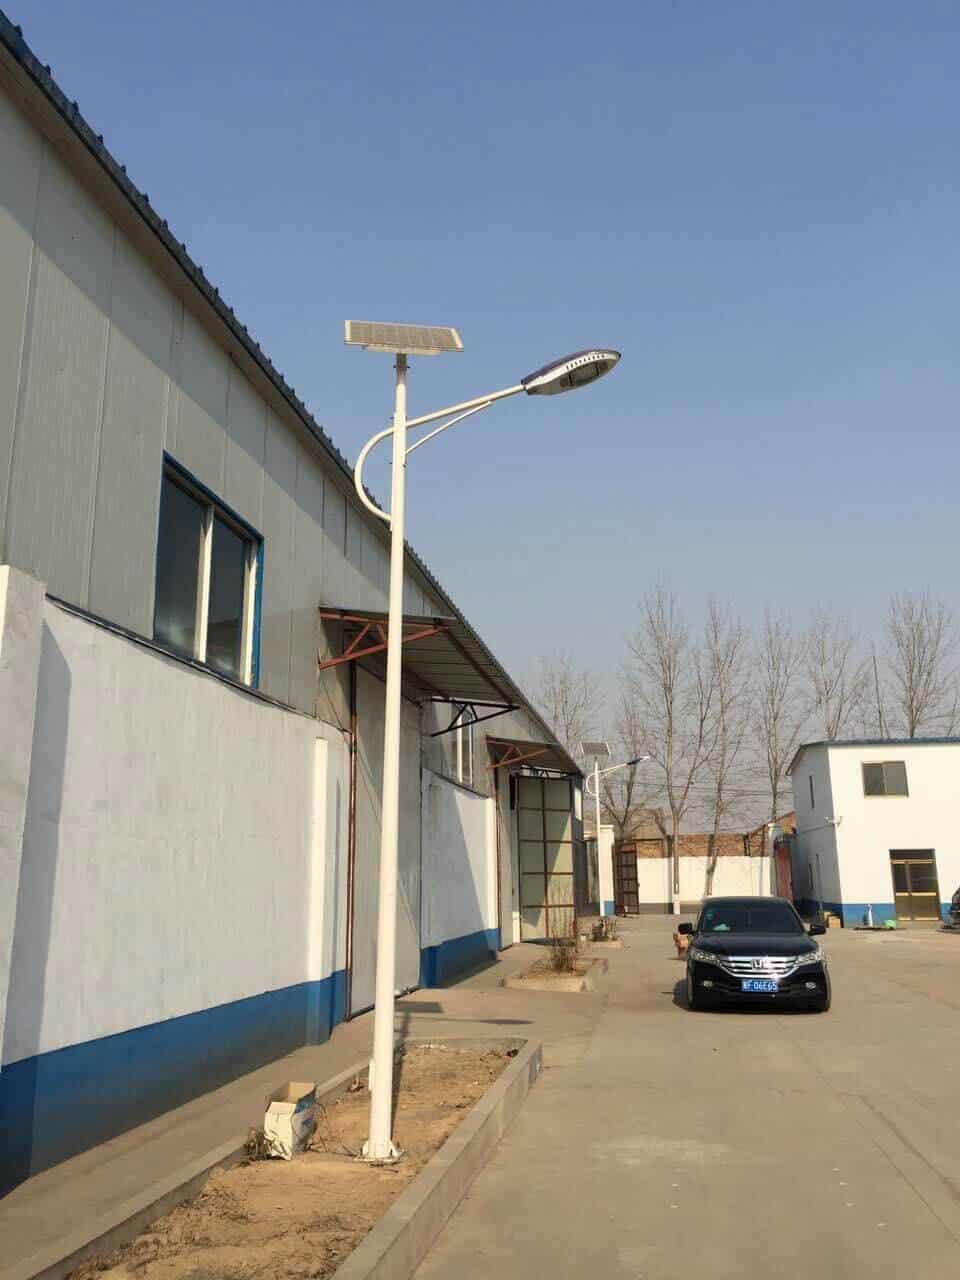 LED street light solar power